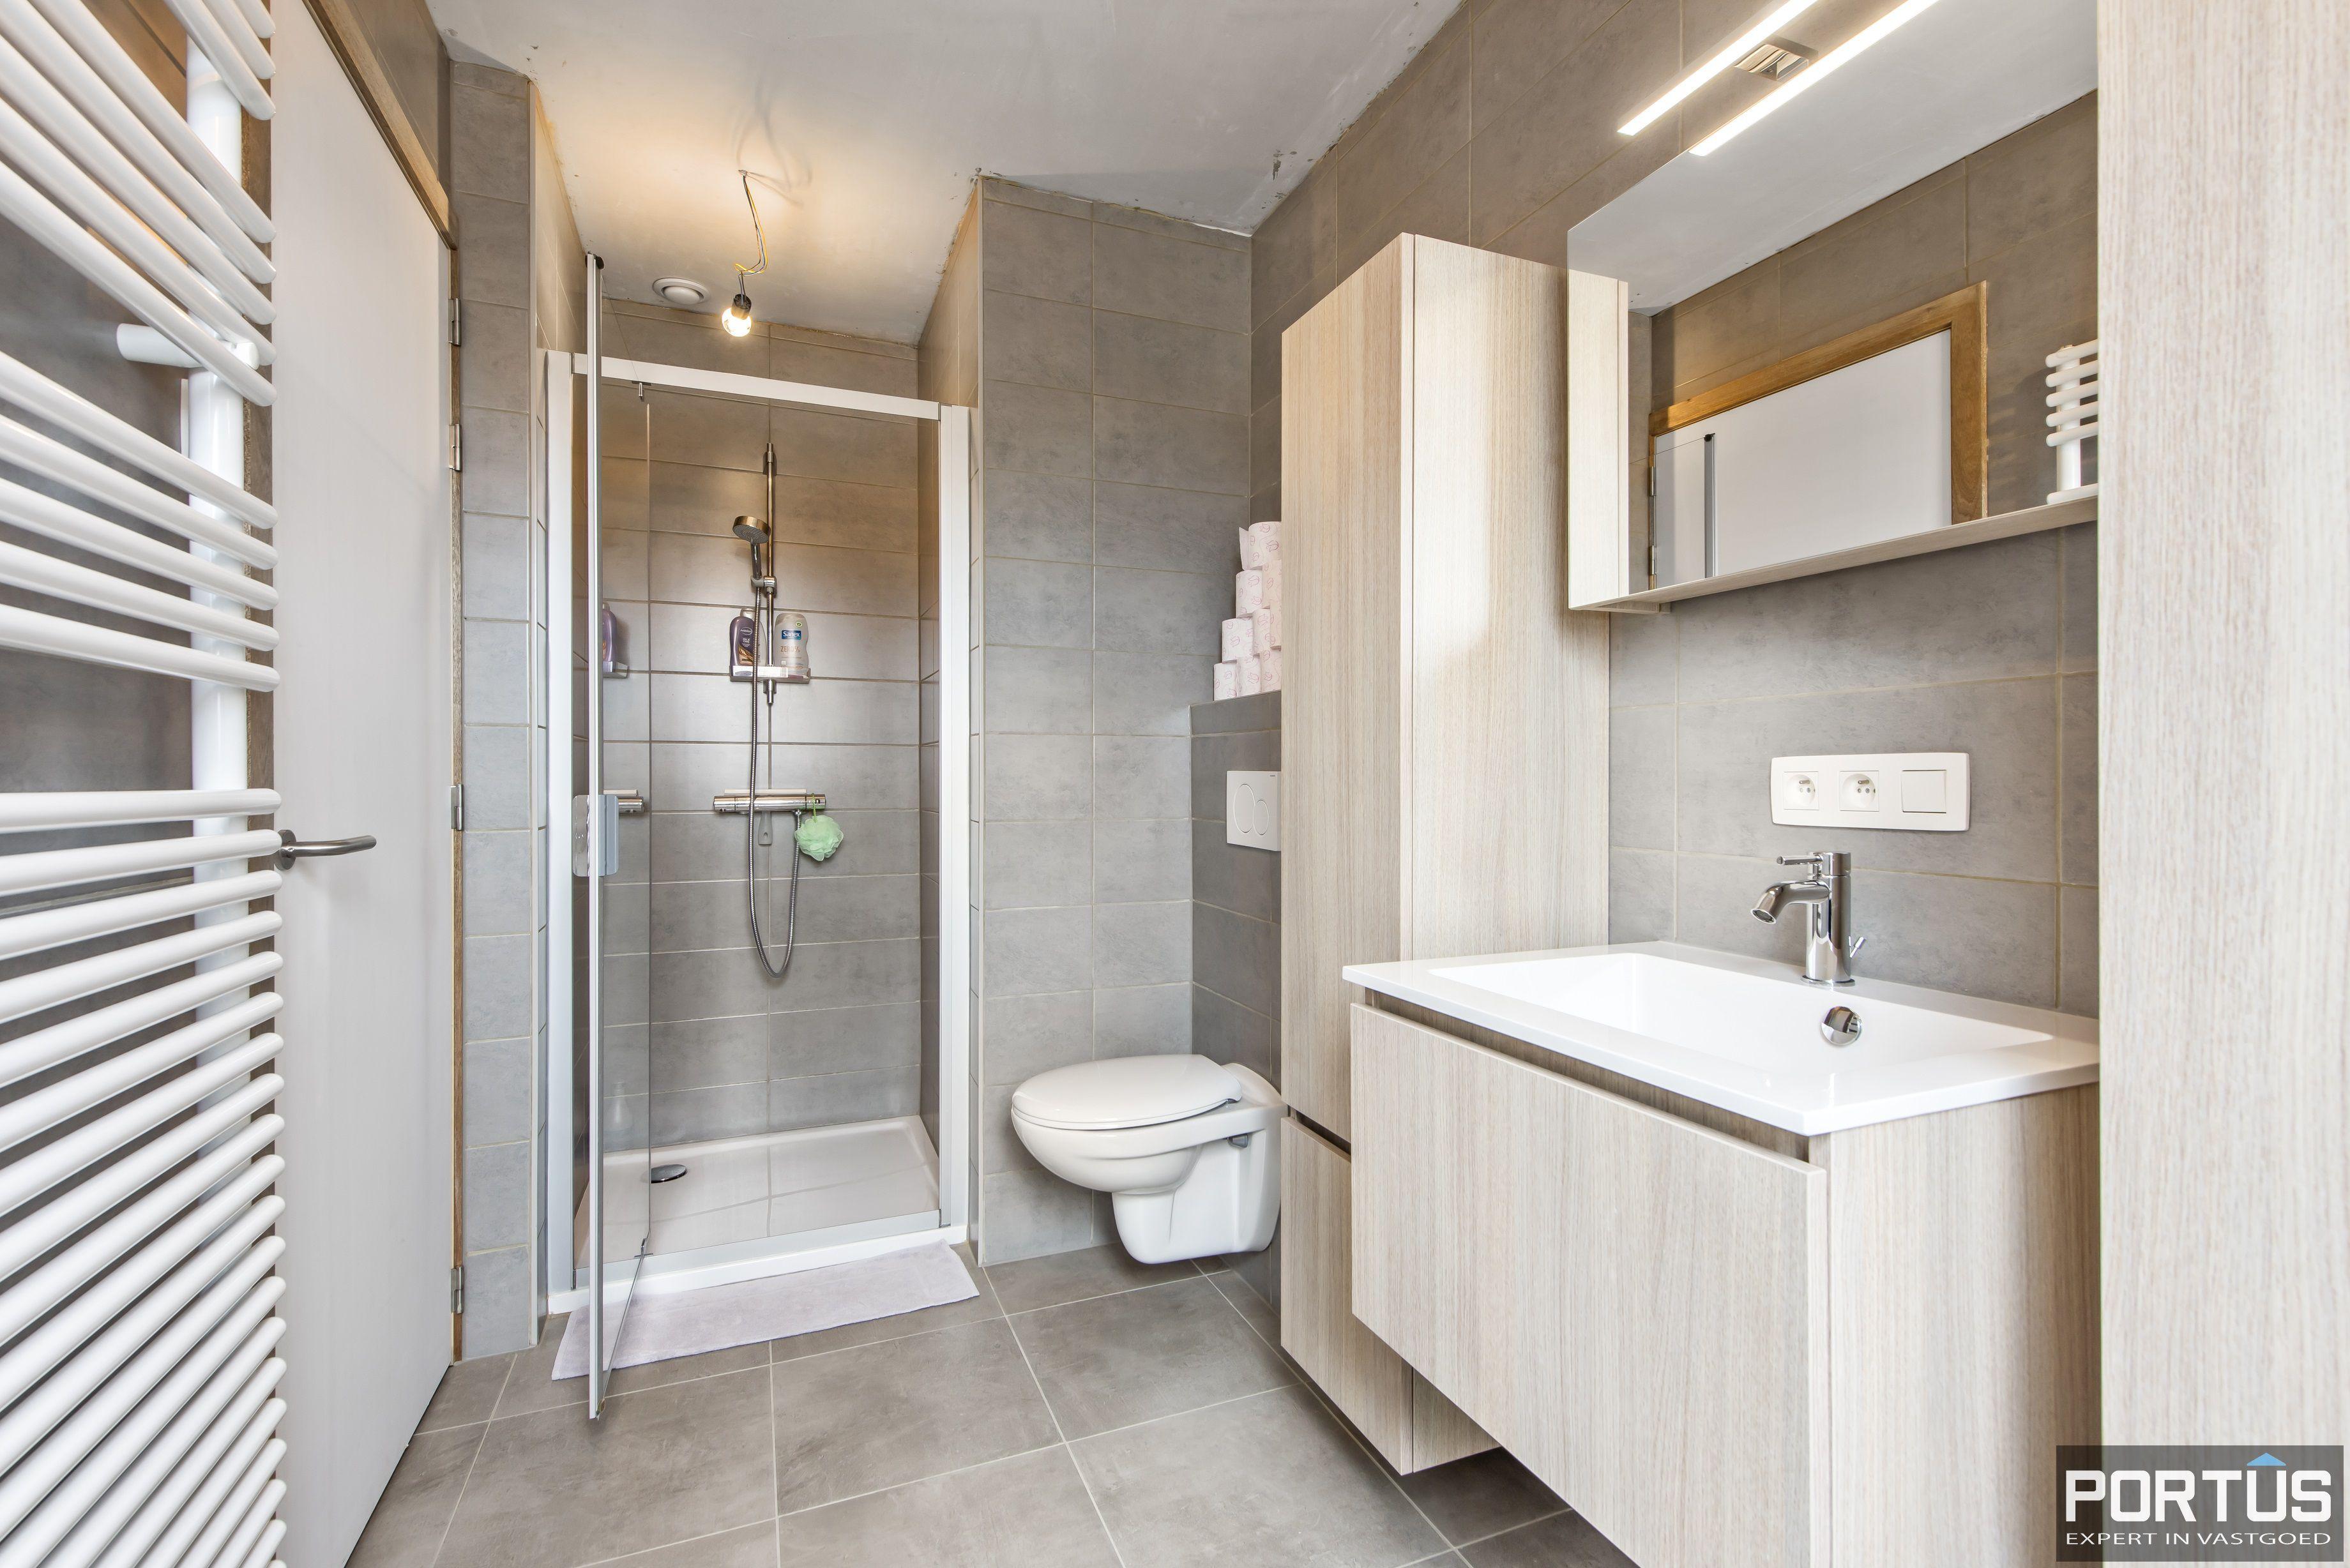 Instapklare duplex te koop te Lombardsijde met 2 slaapkamers - 11285